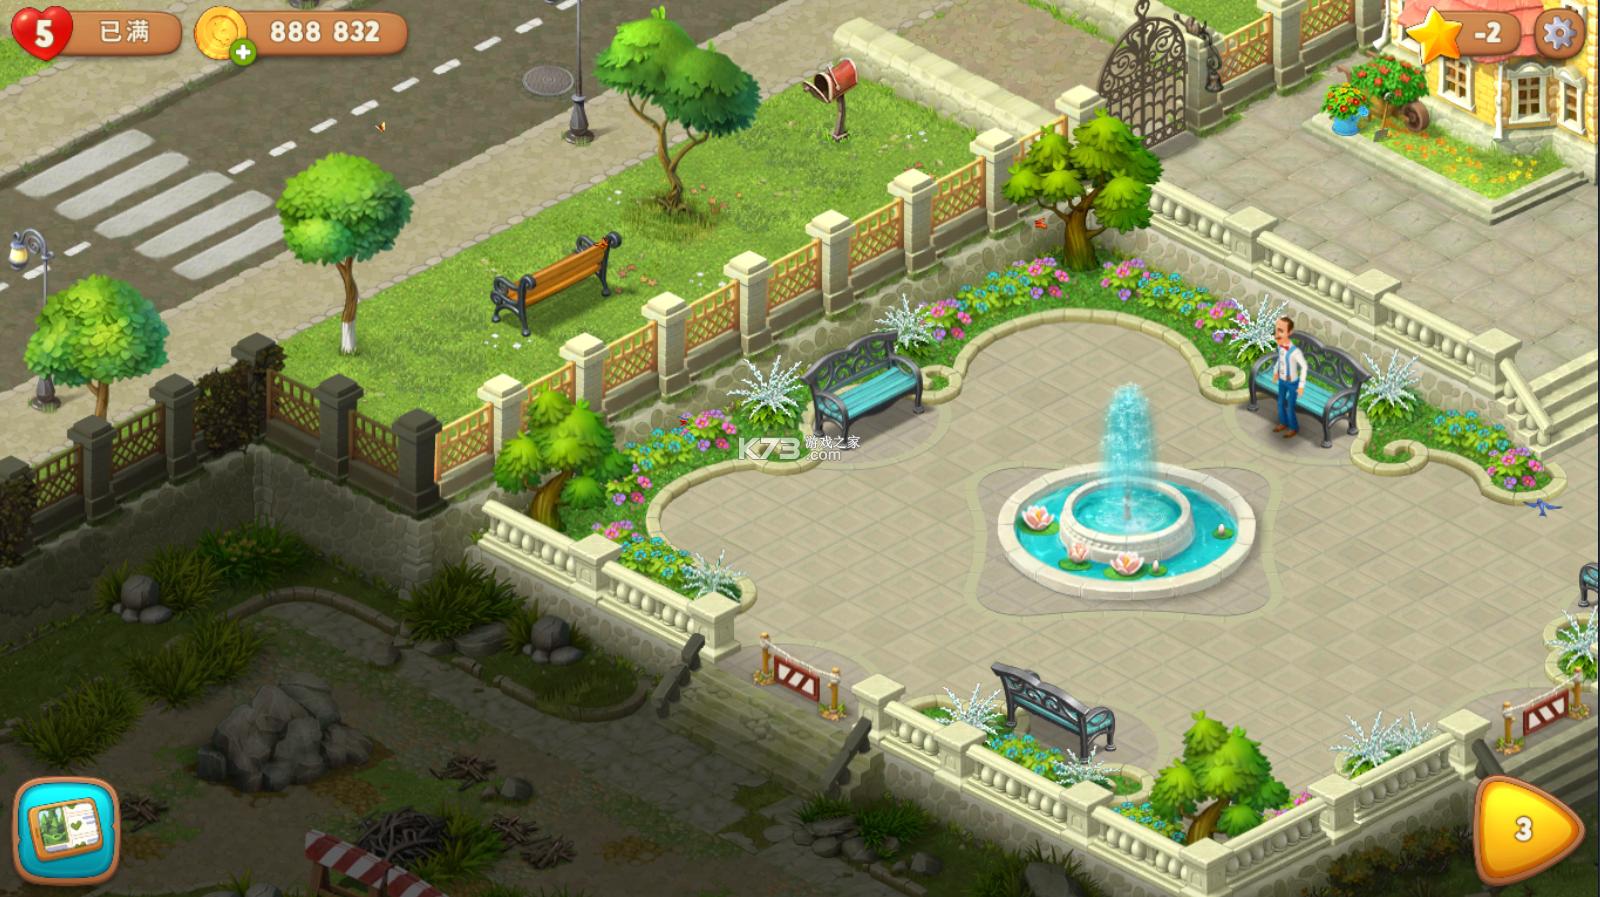 梦幻花园 v4.9.0 破解版2021 截图